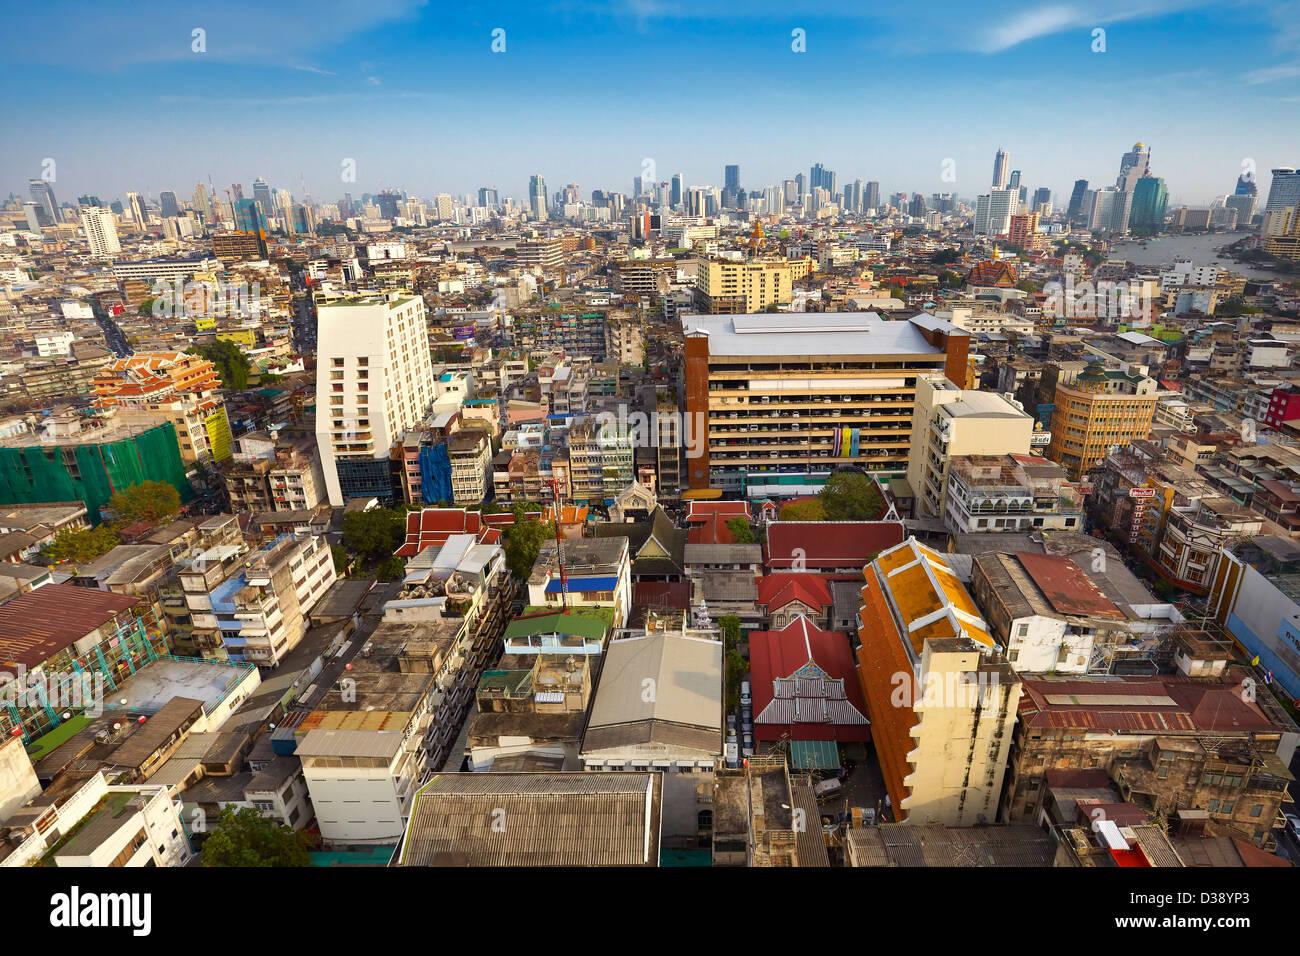 Bangkok skyline view from The Grand China Princess Hotel, Bangkok, Thailand - Stock Image